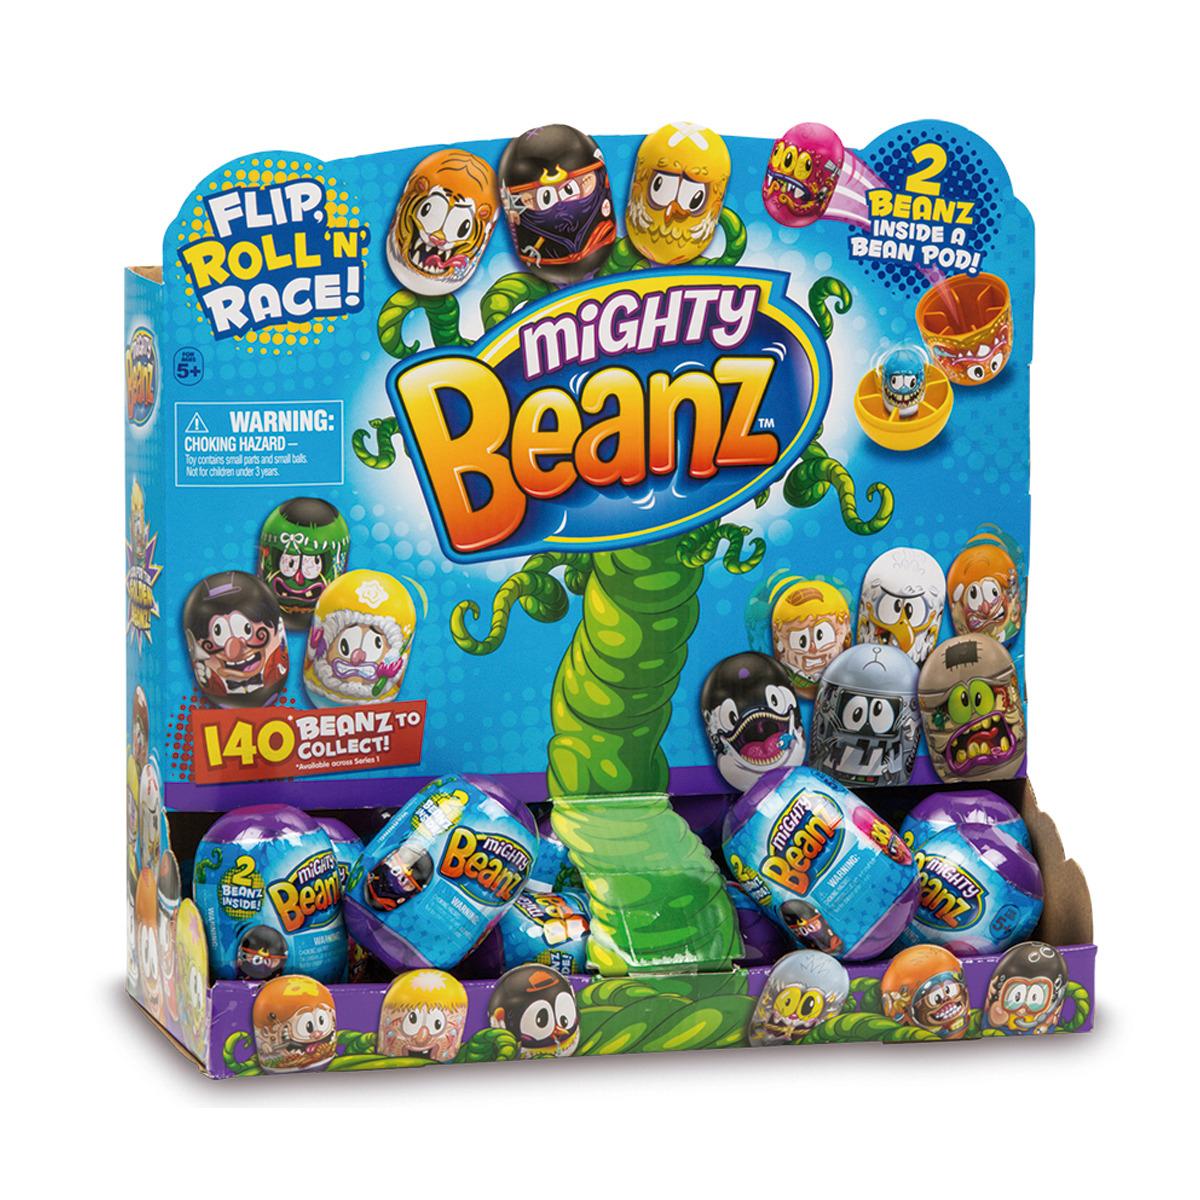 Pack 2 Mighty Beanz GIOCHI PREZIOSI (AlCampo)